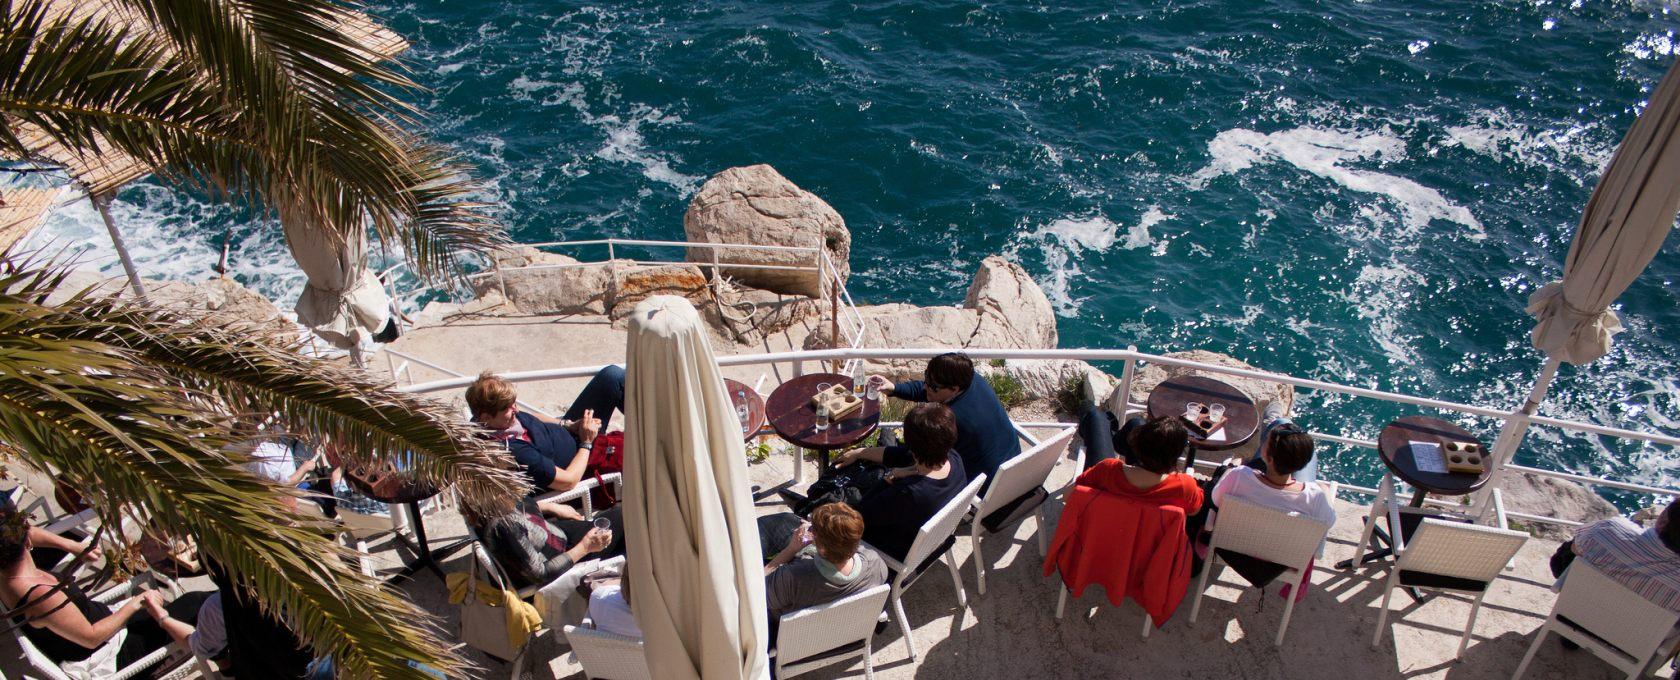 Вино, пляжи и мальки: бюджетный день в Дубровнике